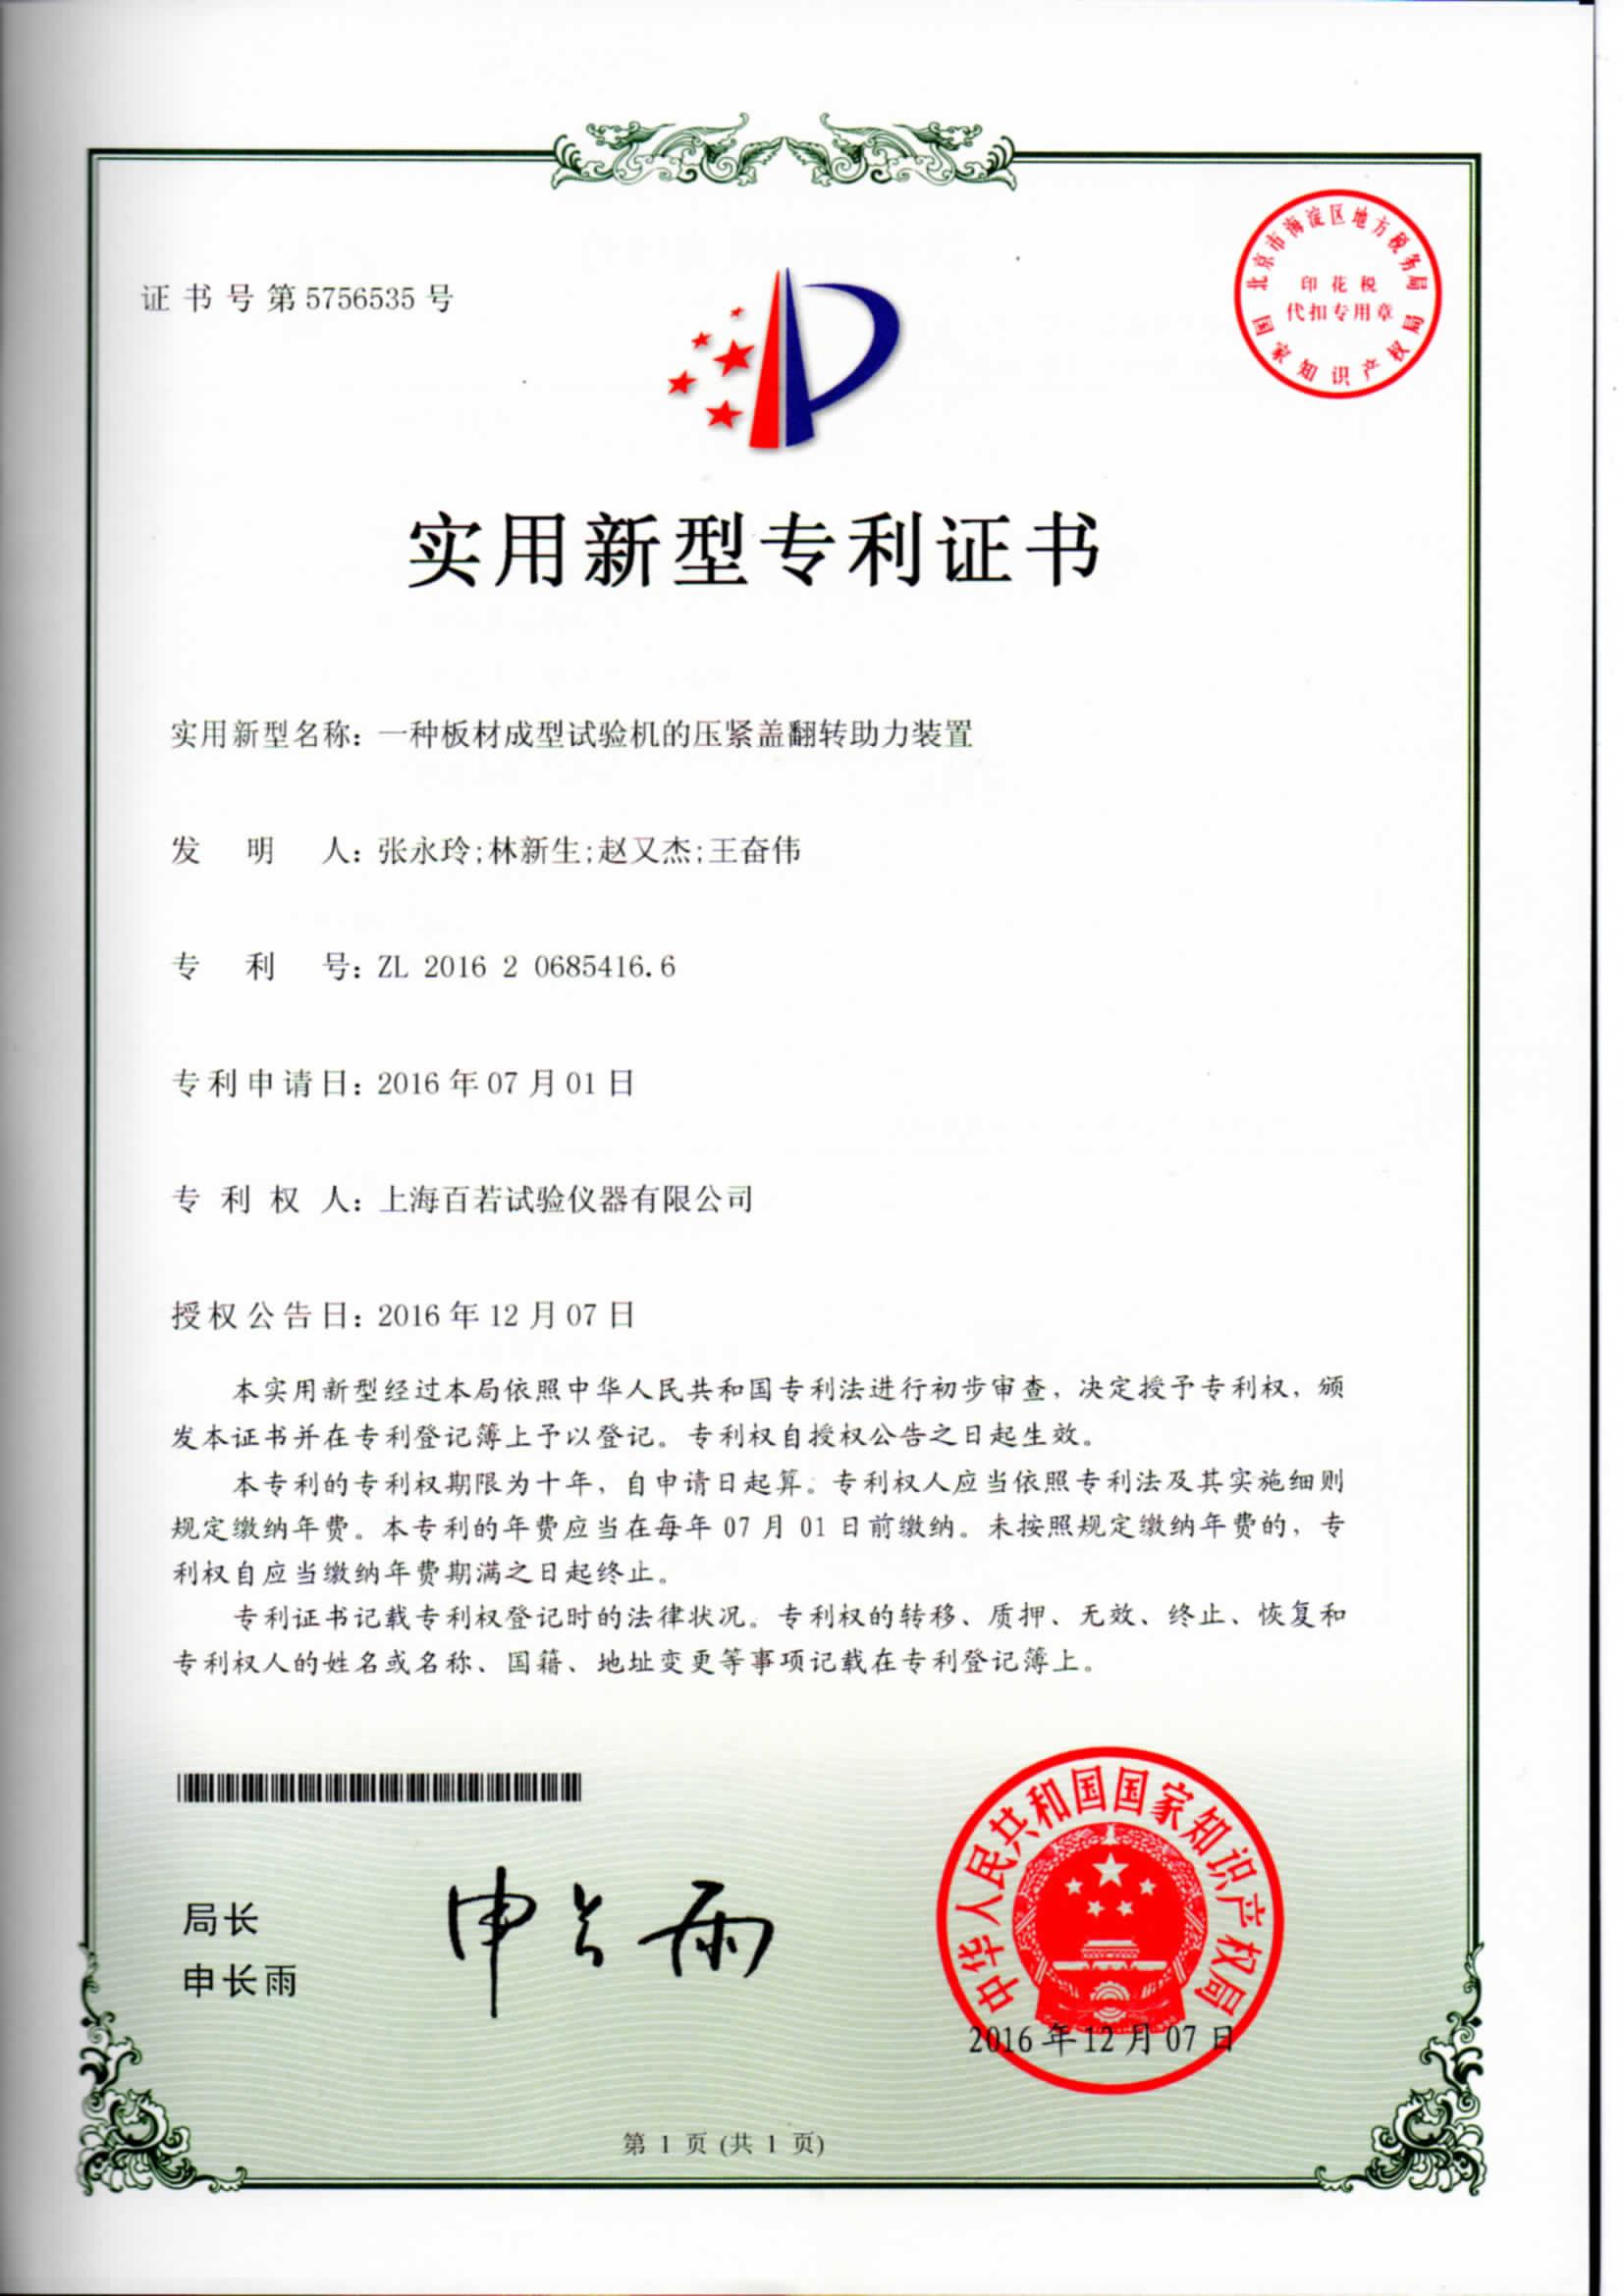 专利证书-一种板材成型试验机的压紧盖翻转助力装置